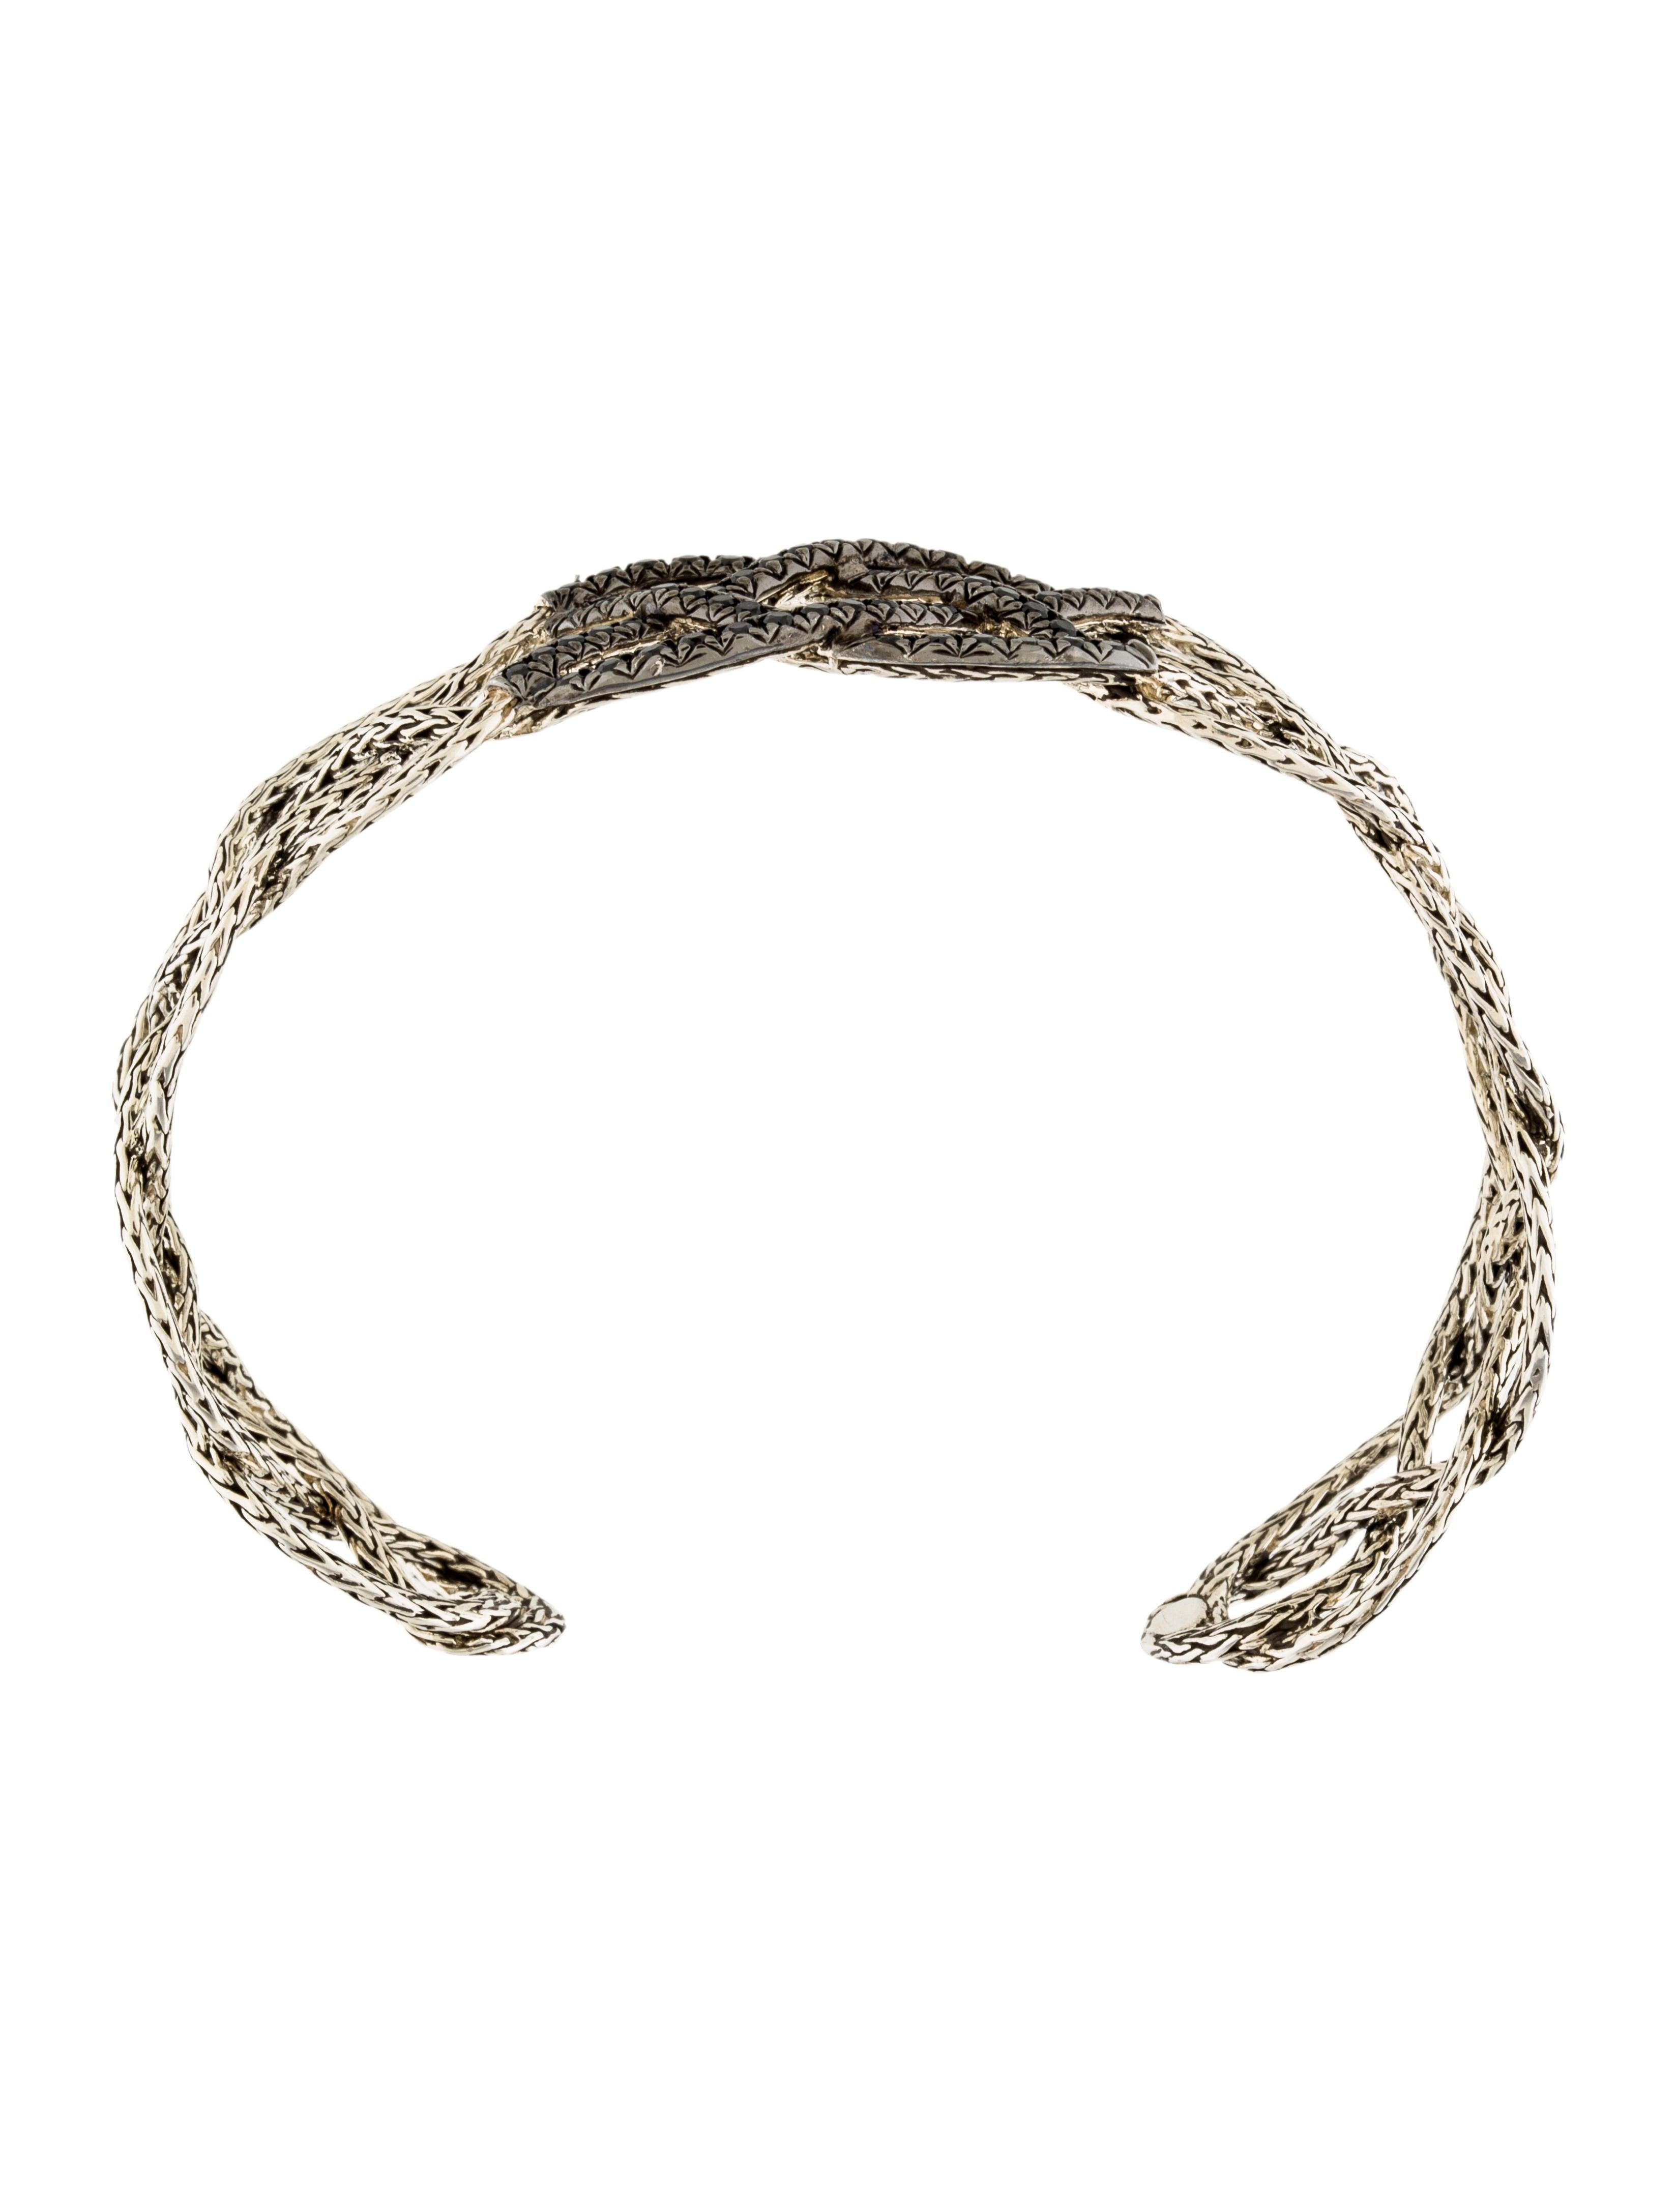 john hardy black diamond woven cuff bracelet w tags